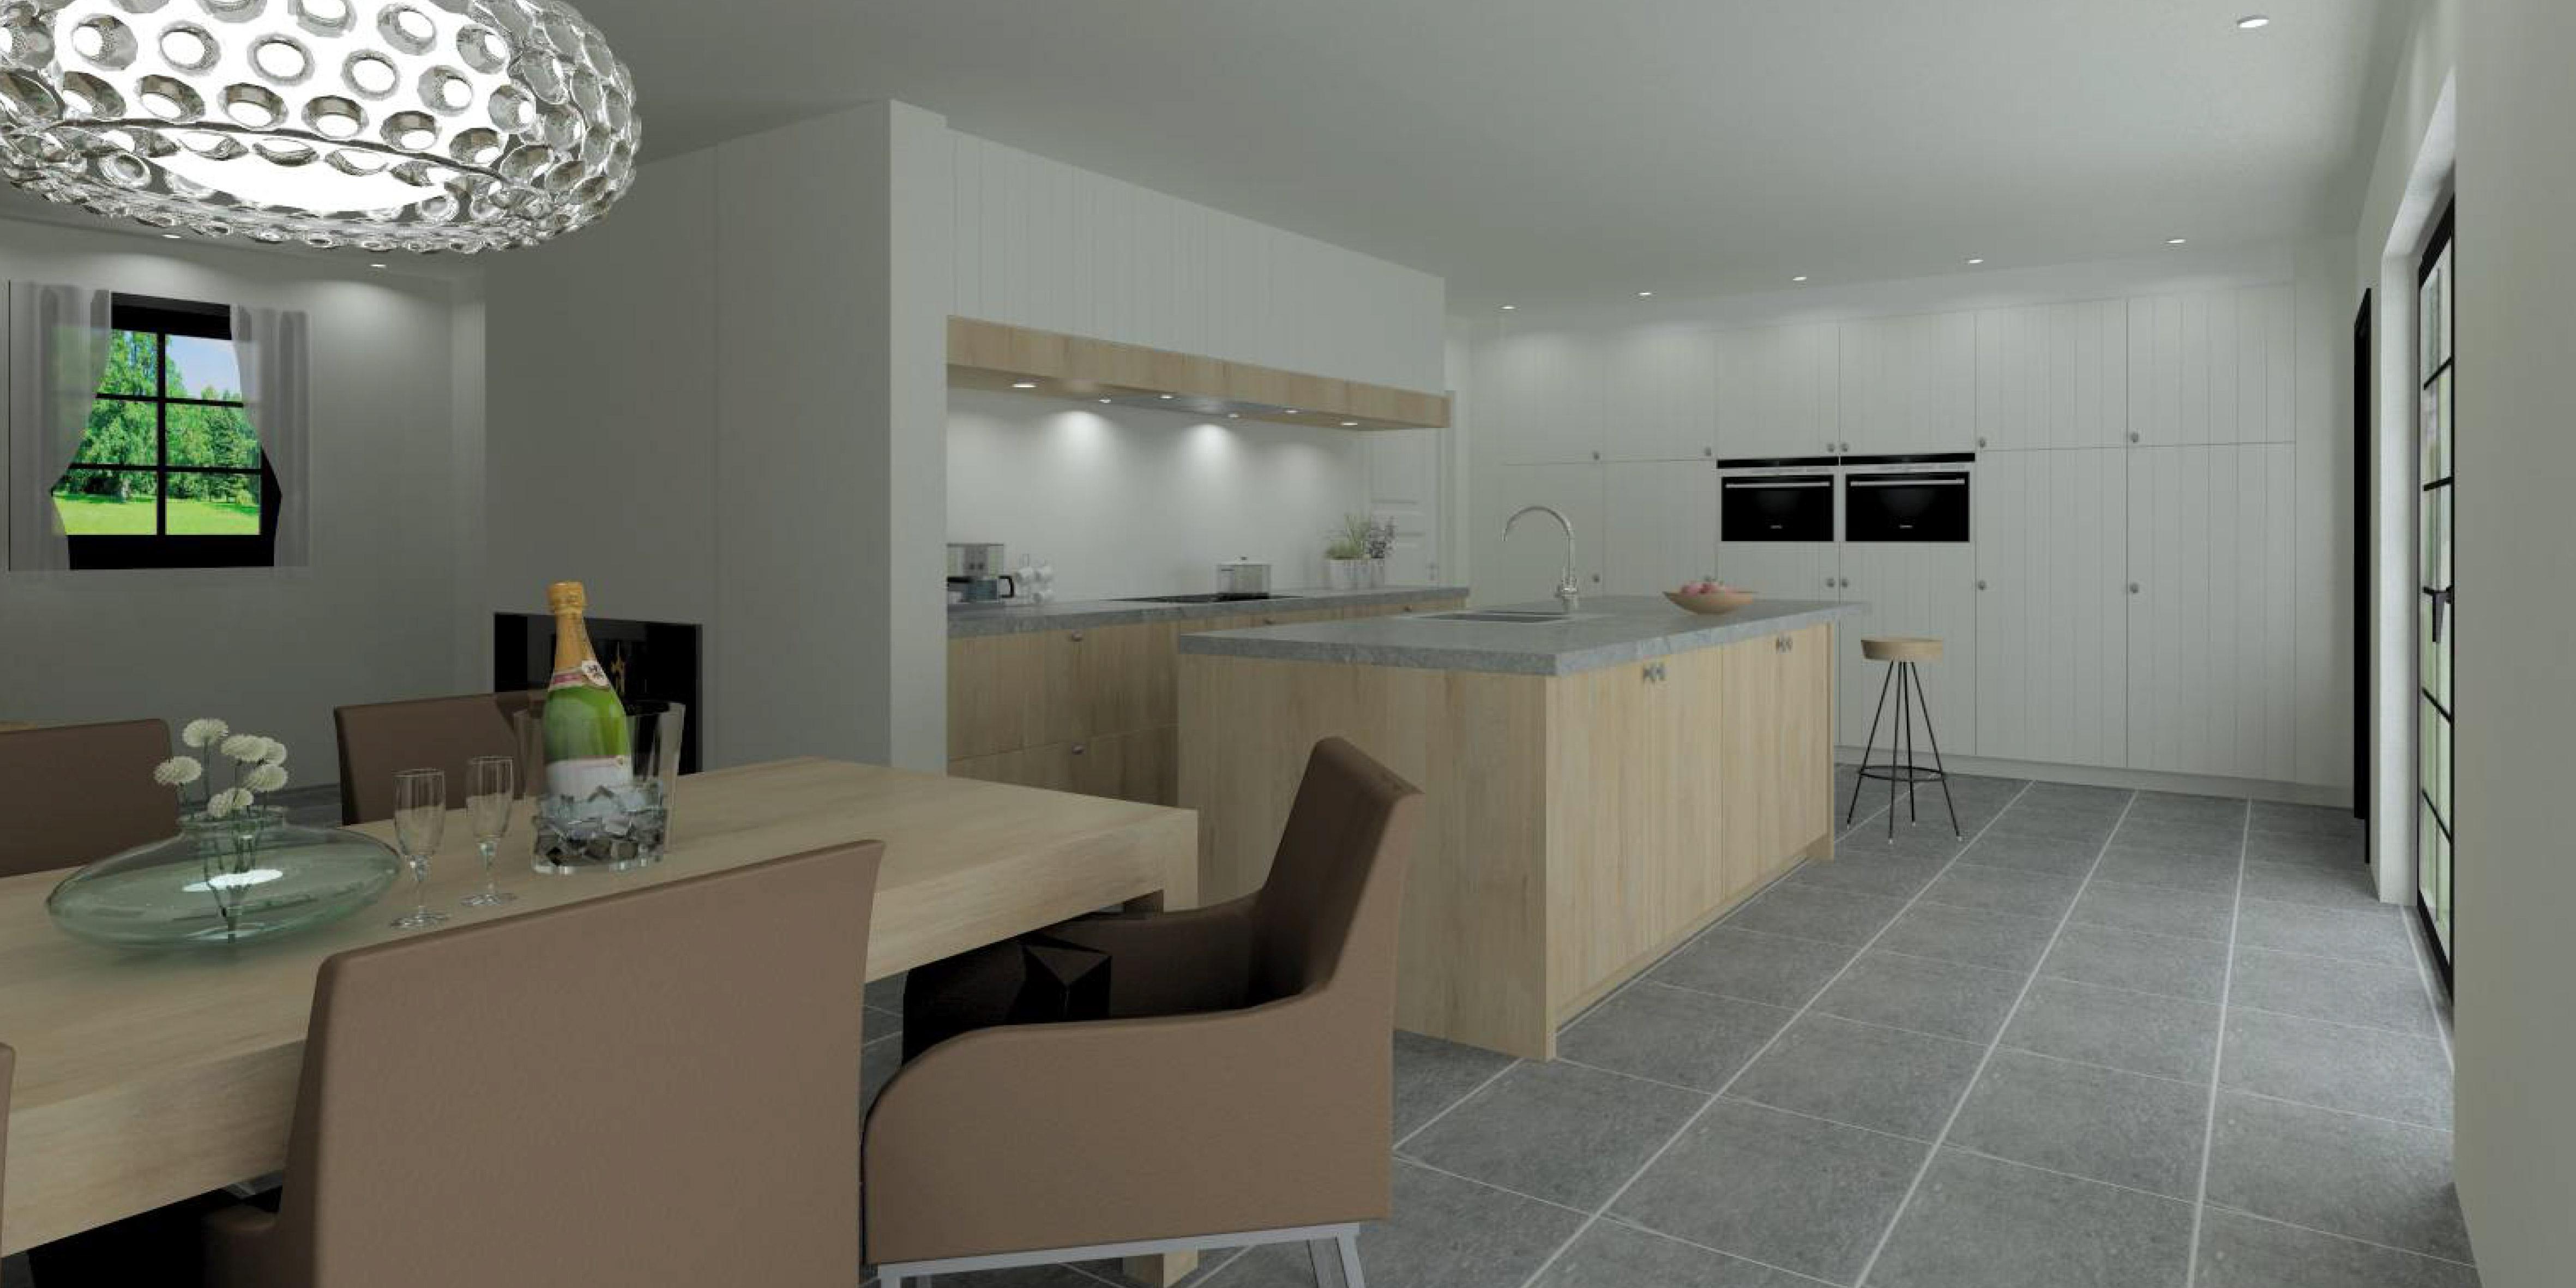 keuken41b